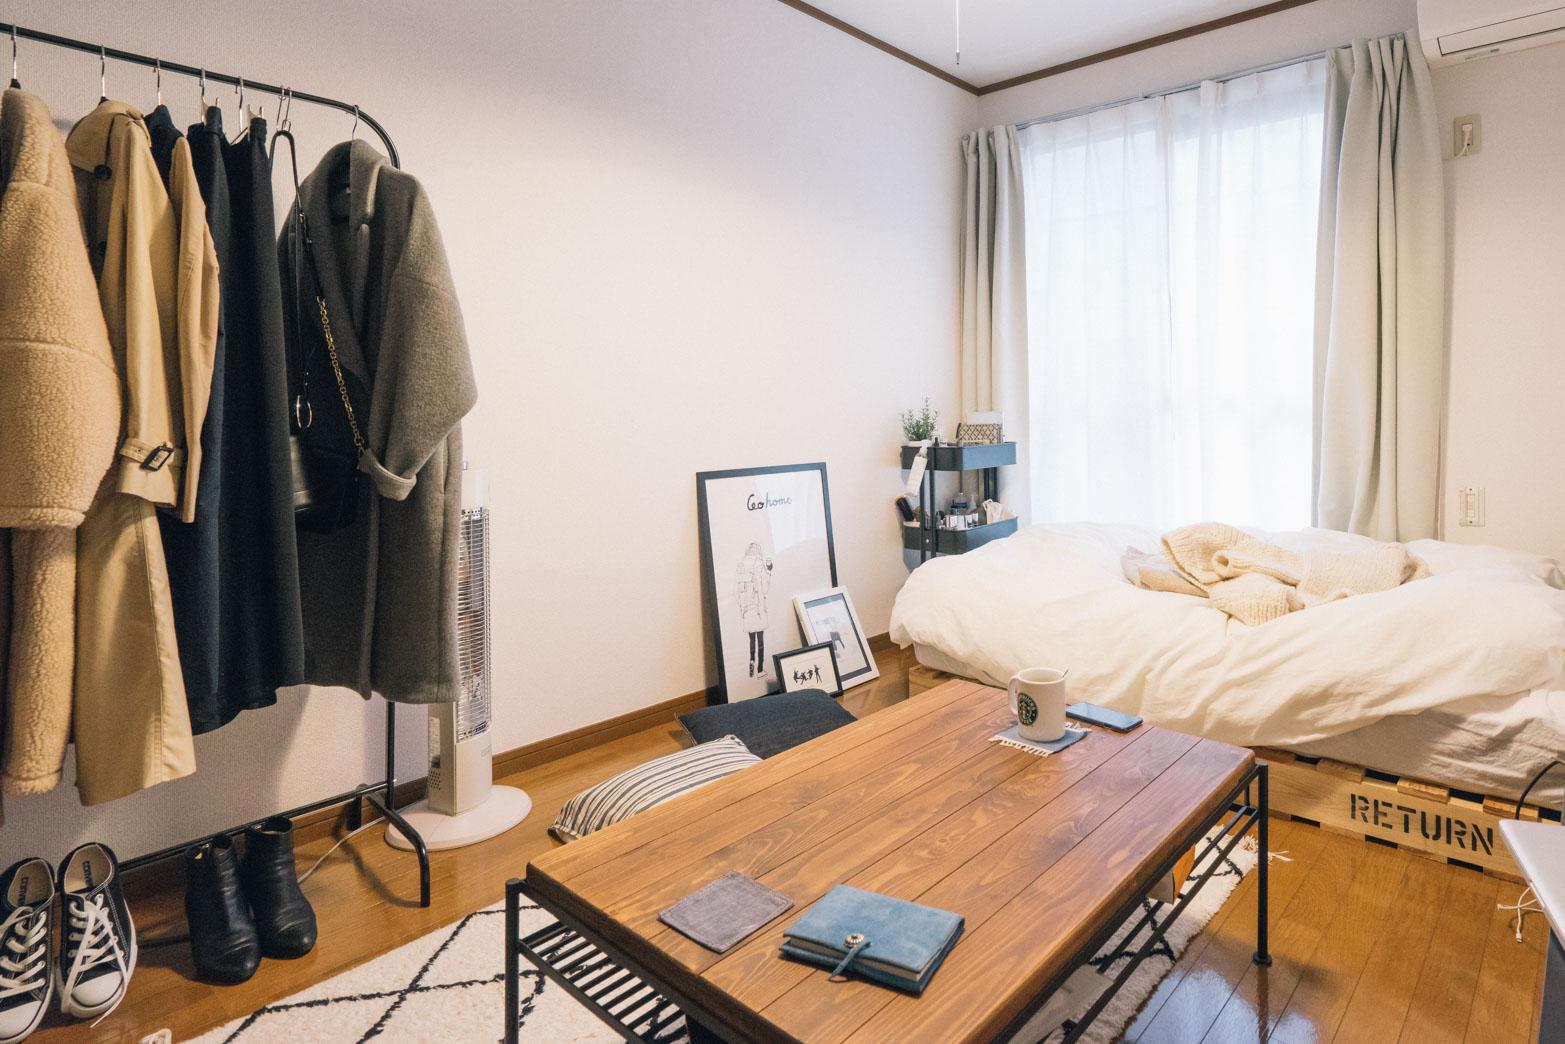 短い方の壁に窓がある「縦長」のお部屋の場合は、ベッドをなるべく背の低いものにするなど、開口部を塞がないよう少し工夫が必要です。